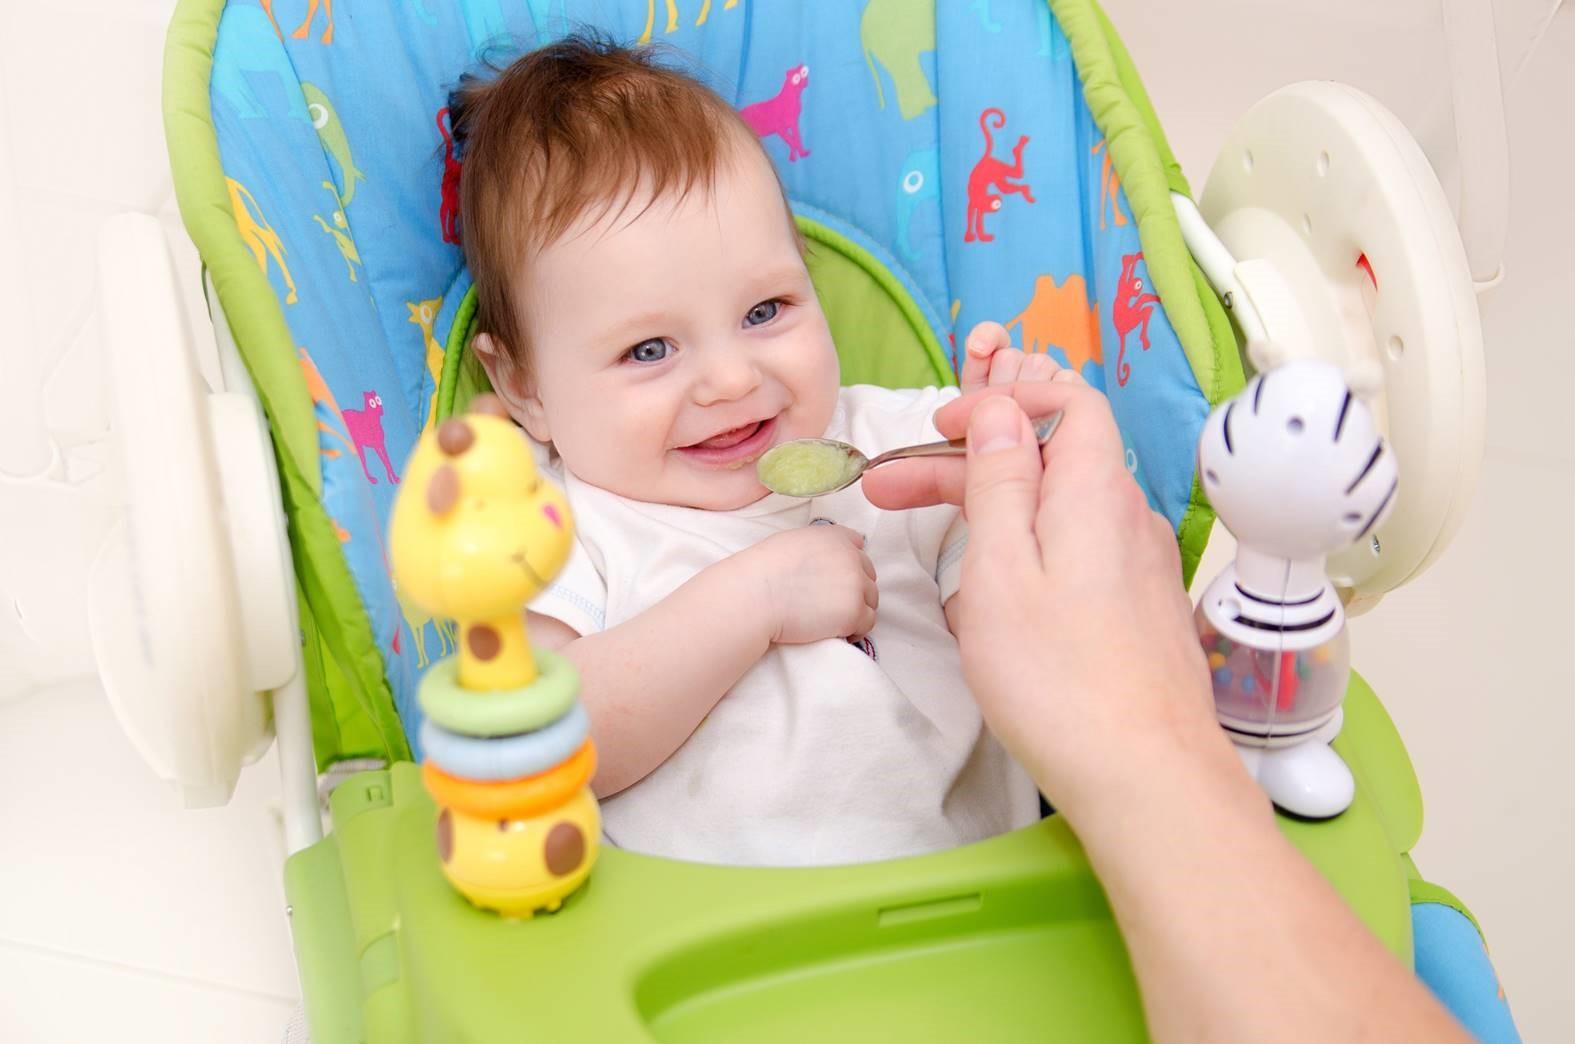 BebekBeslenmesindeKemiksuyu